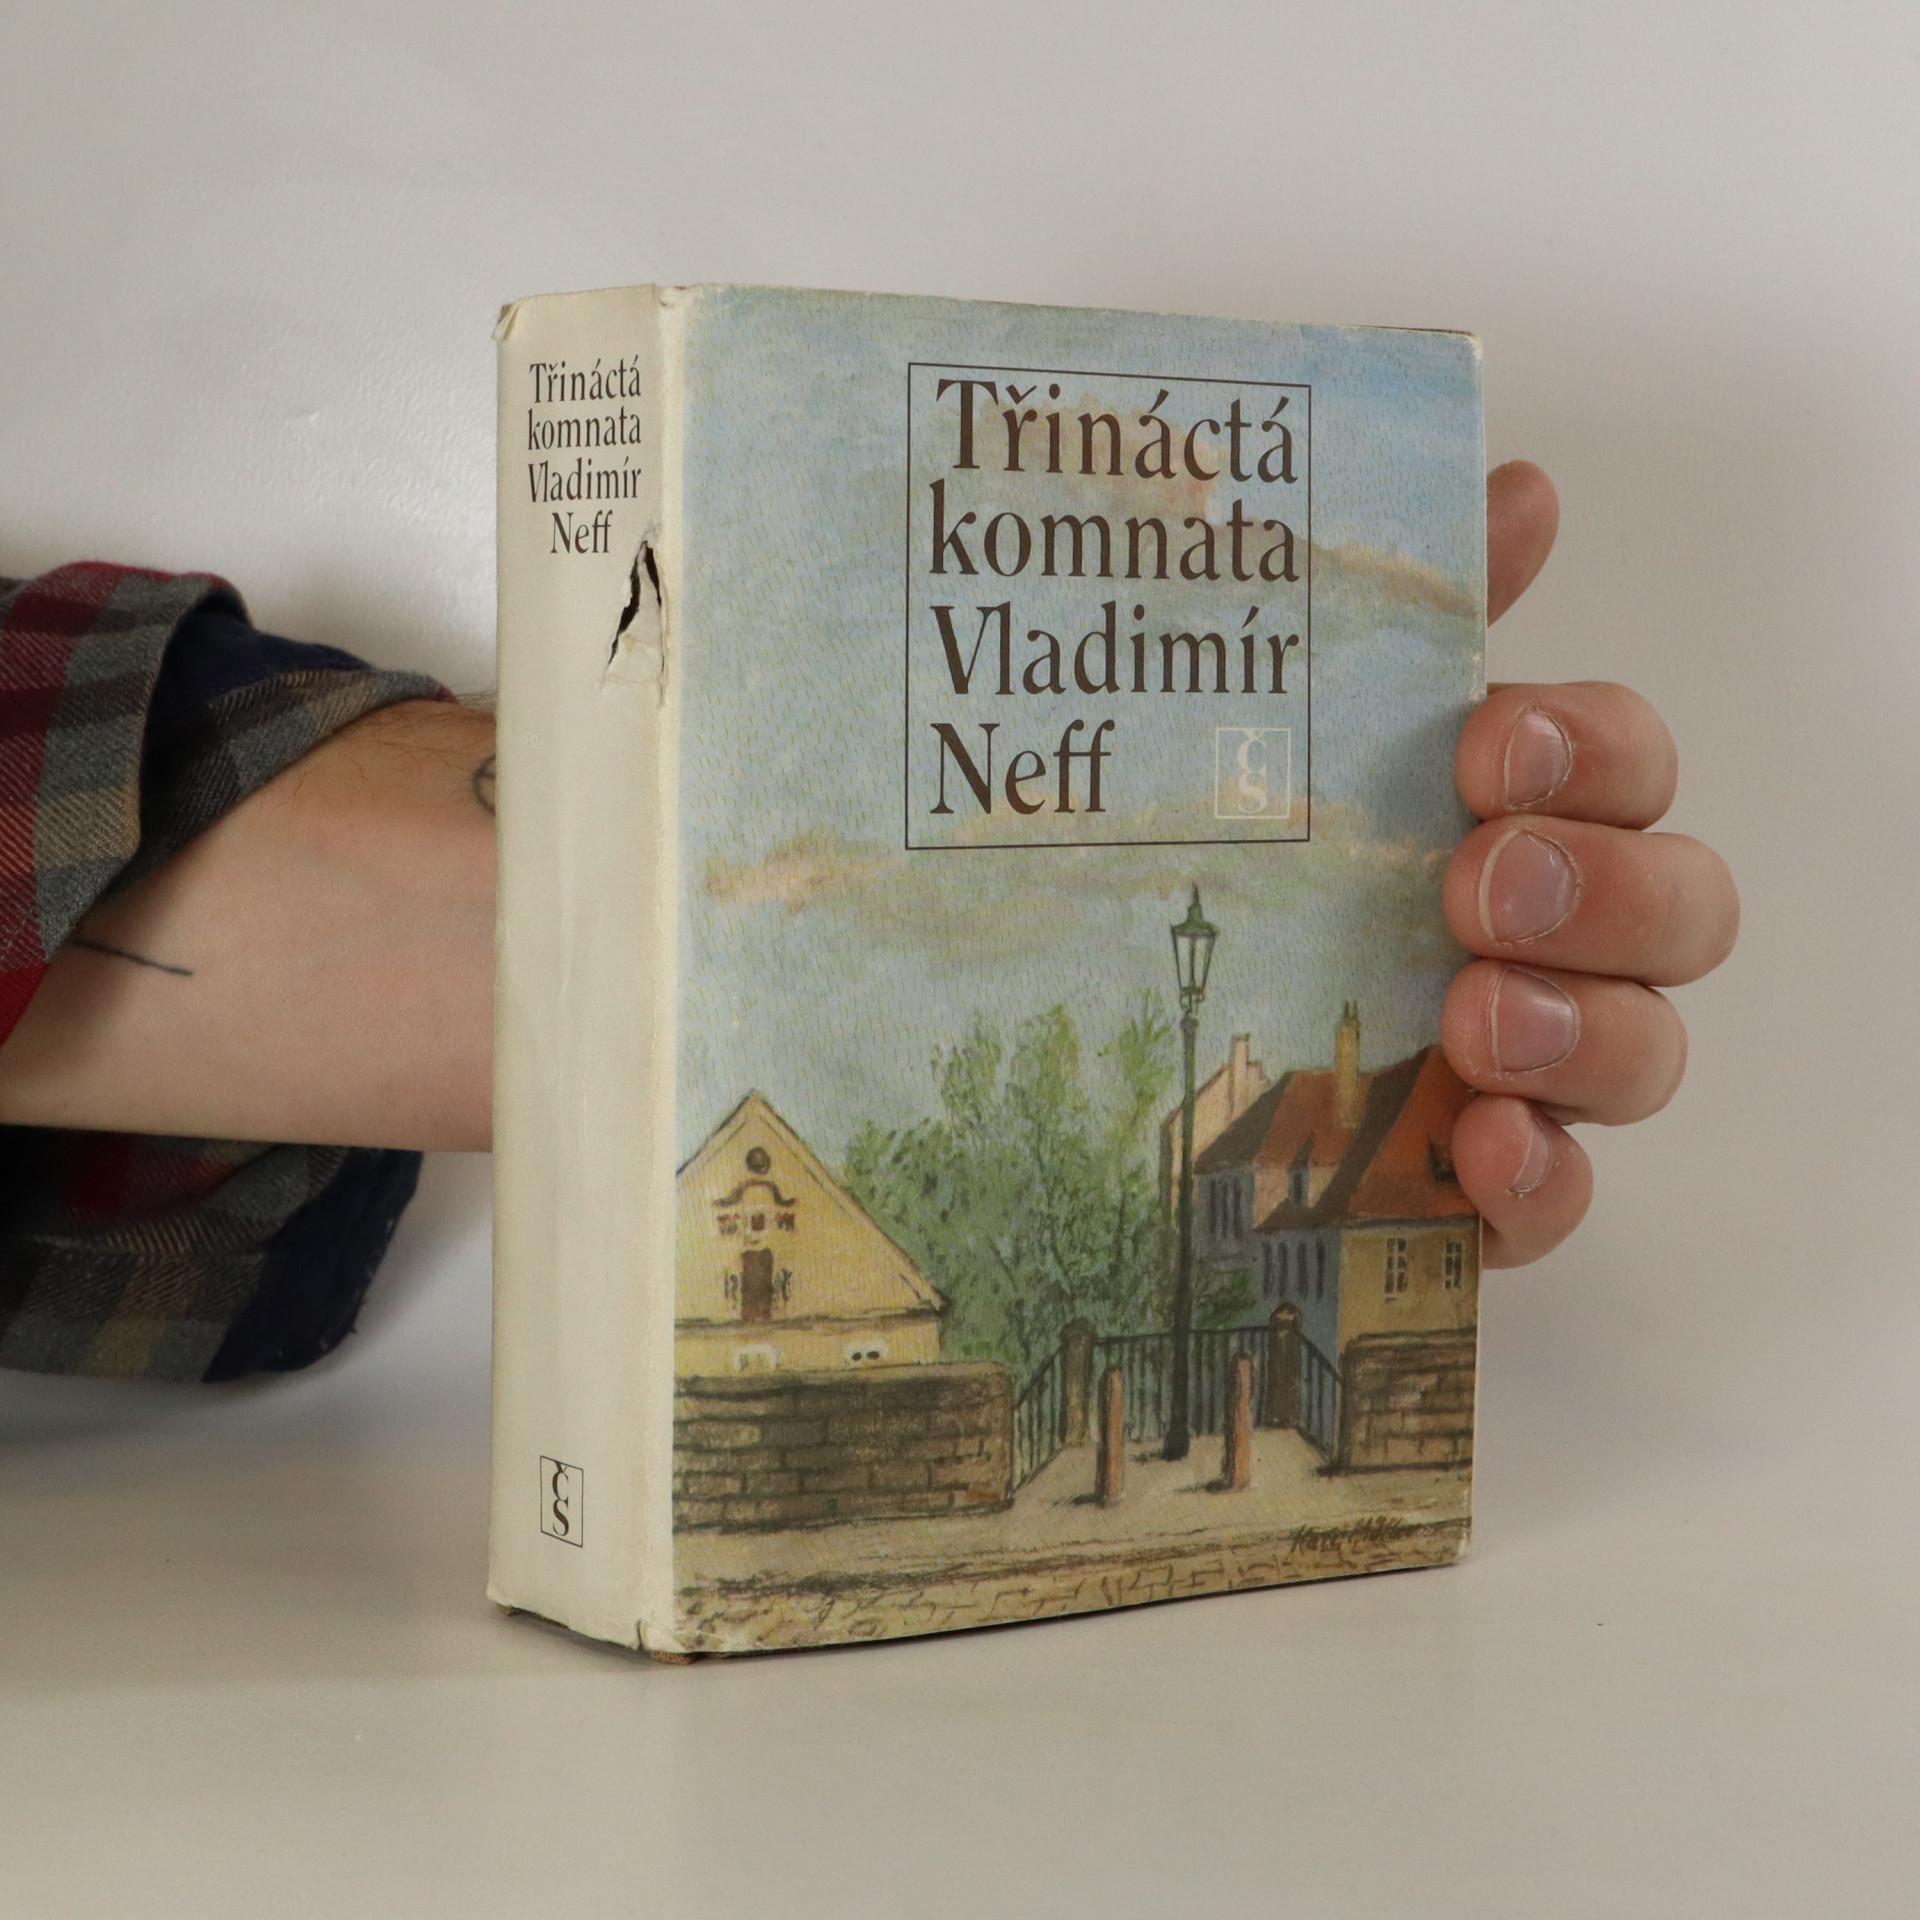 antikvární kniha Třináctá komnata, 1985